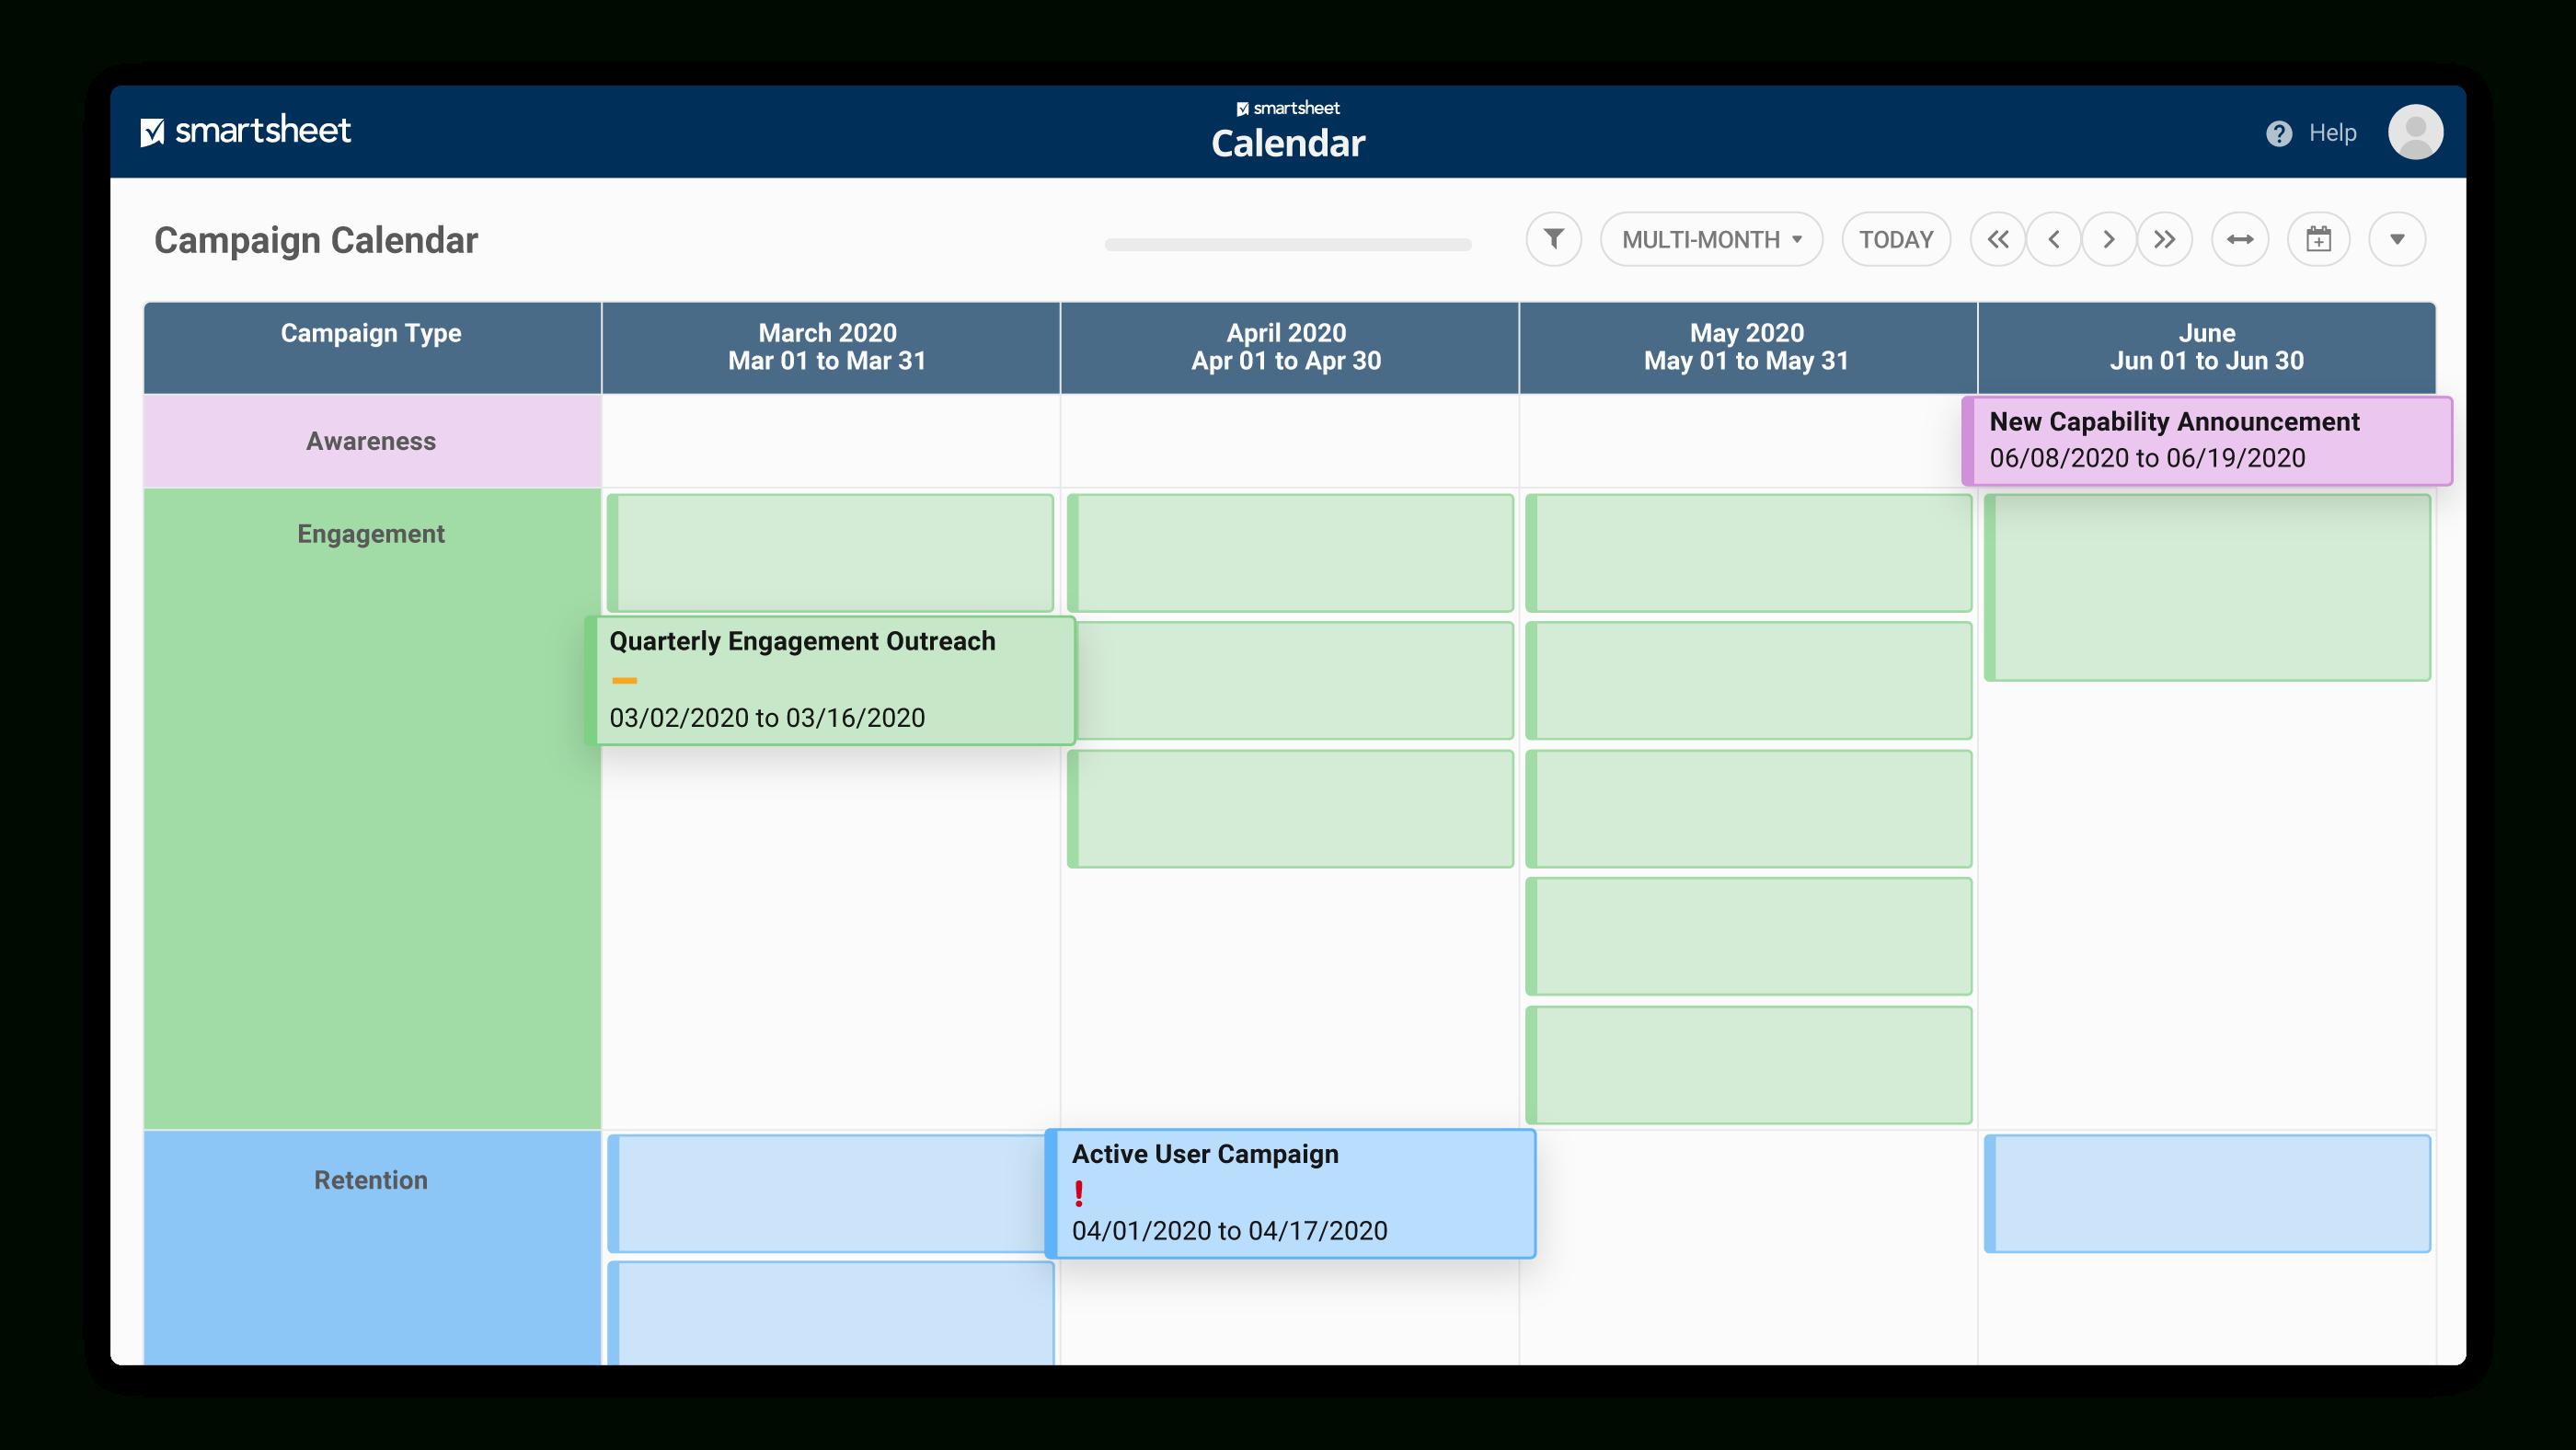 Развивайте Свой Бизнес С Помощью Действенных Маркетинговых pertaining to Smartsheet Marketing Calendar